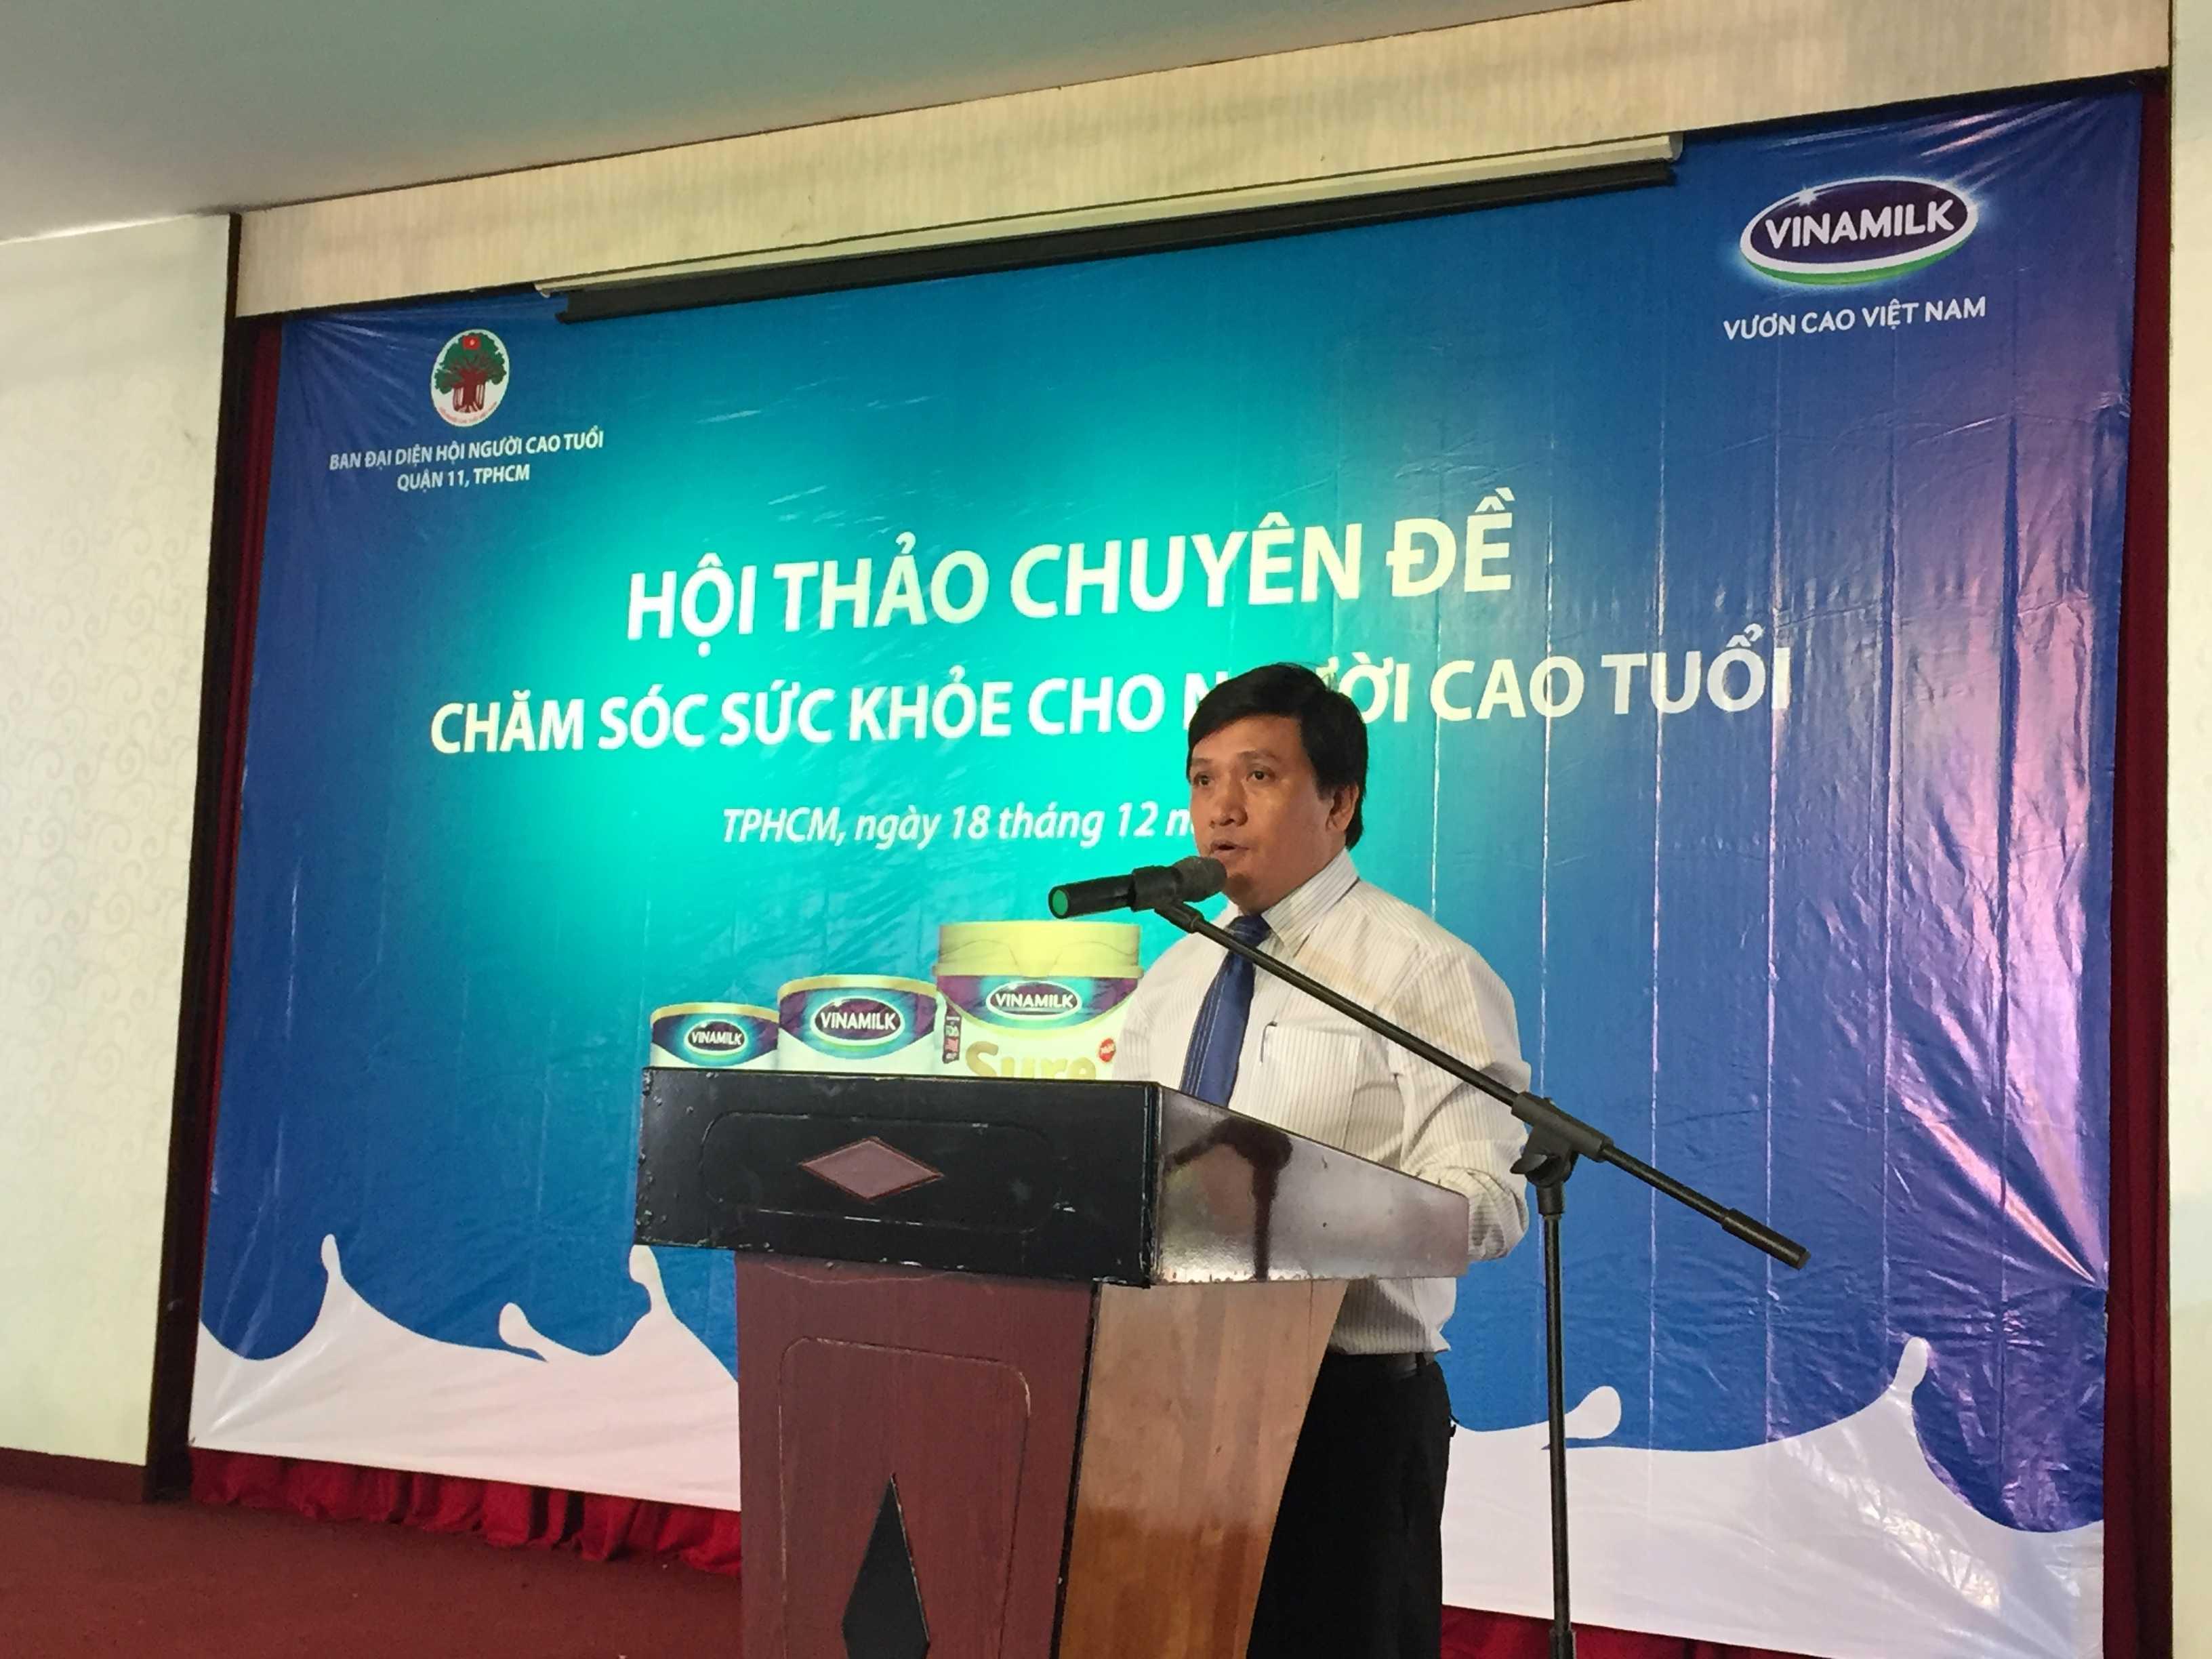 Ông Phan Nguyễn Minh Nhựt, Giám Đốc Kinh Doanh Miền HCM phát biểu tại hội thảo ở Hồ Chí Minh